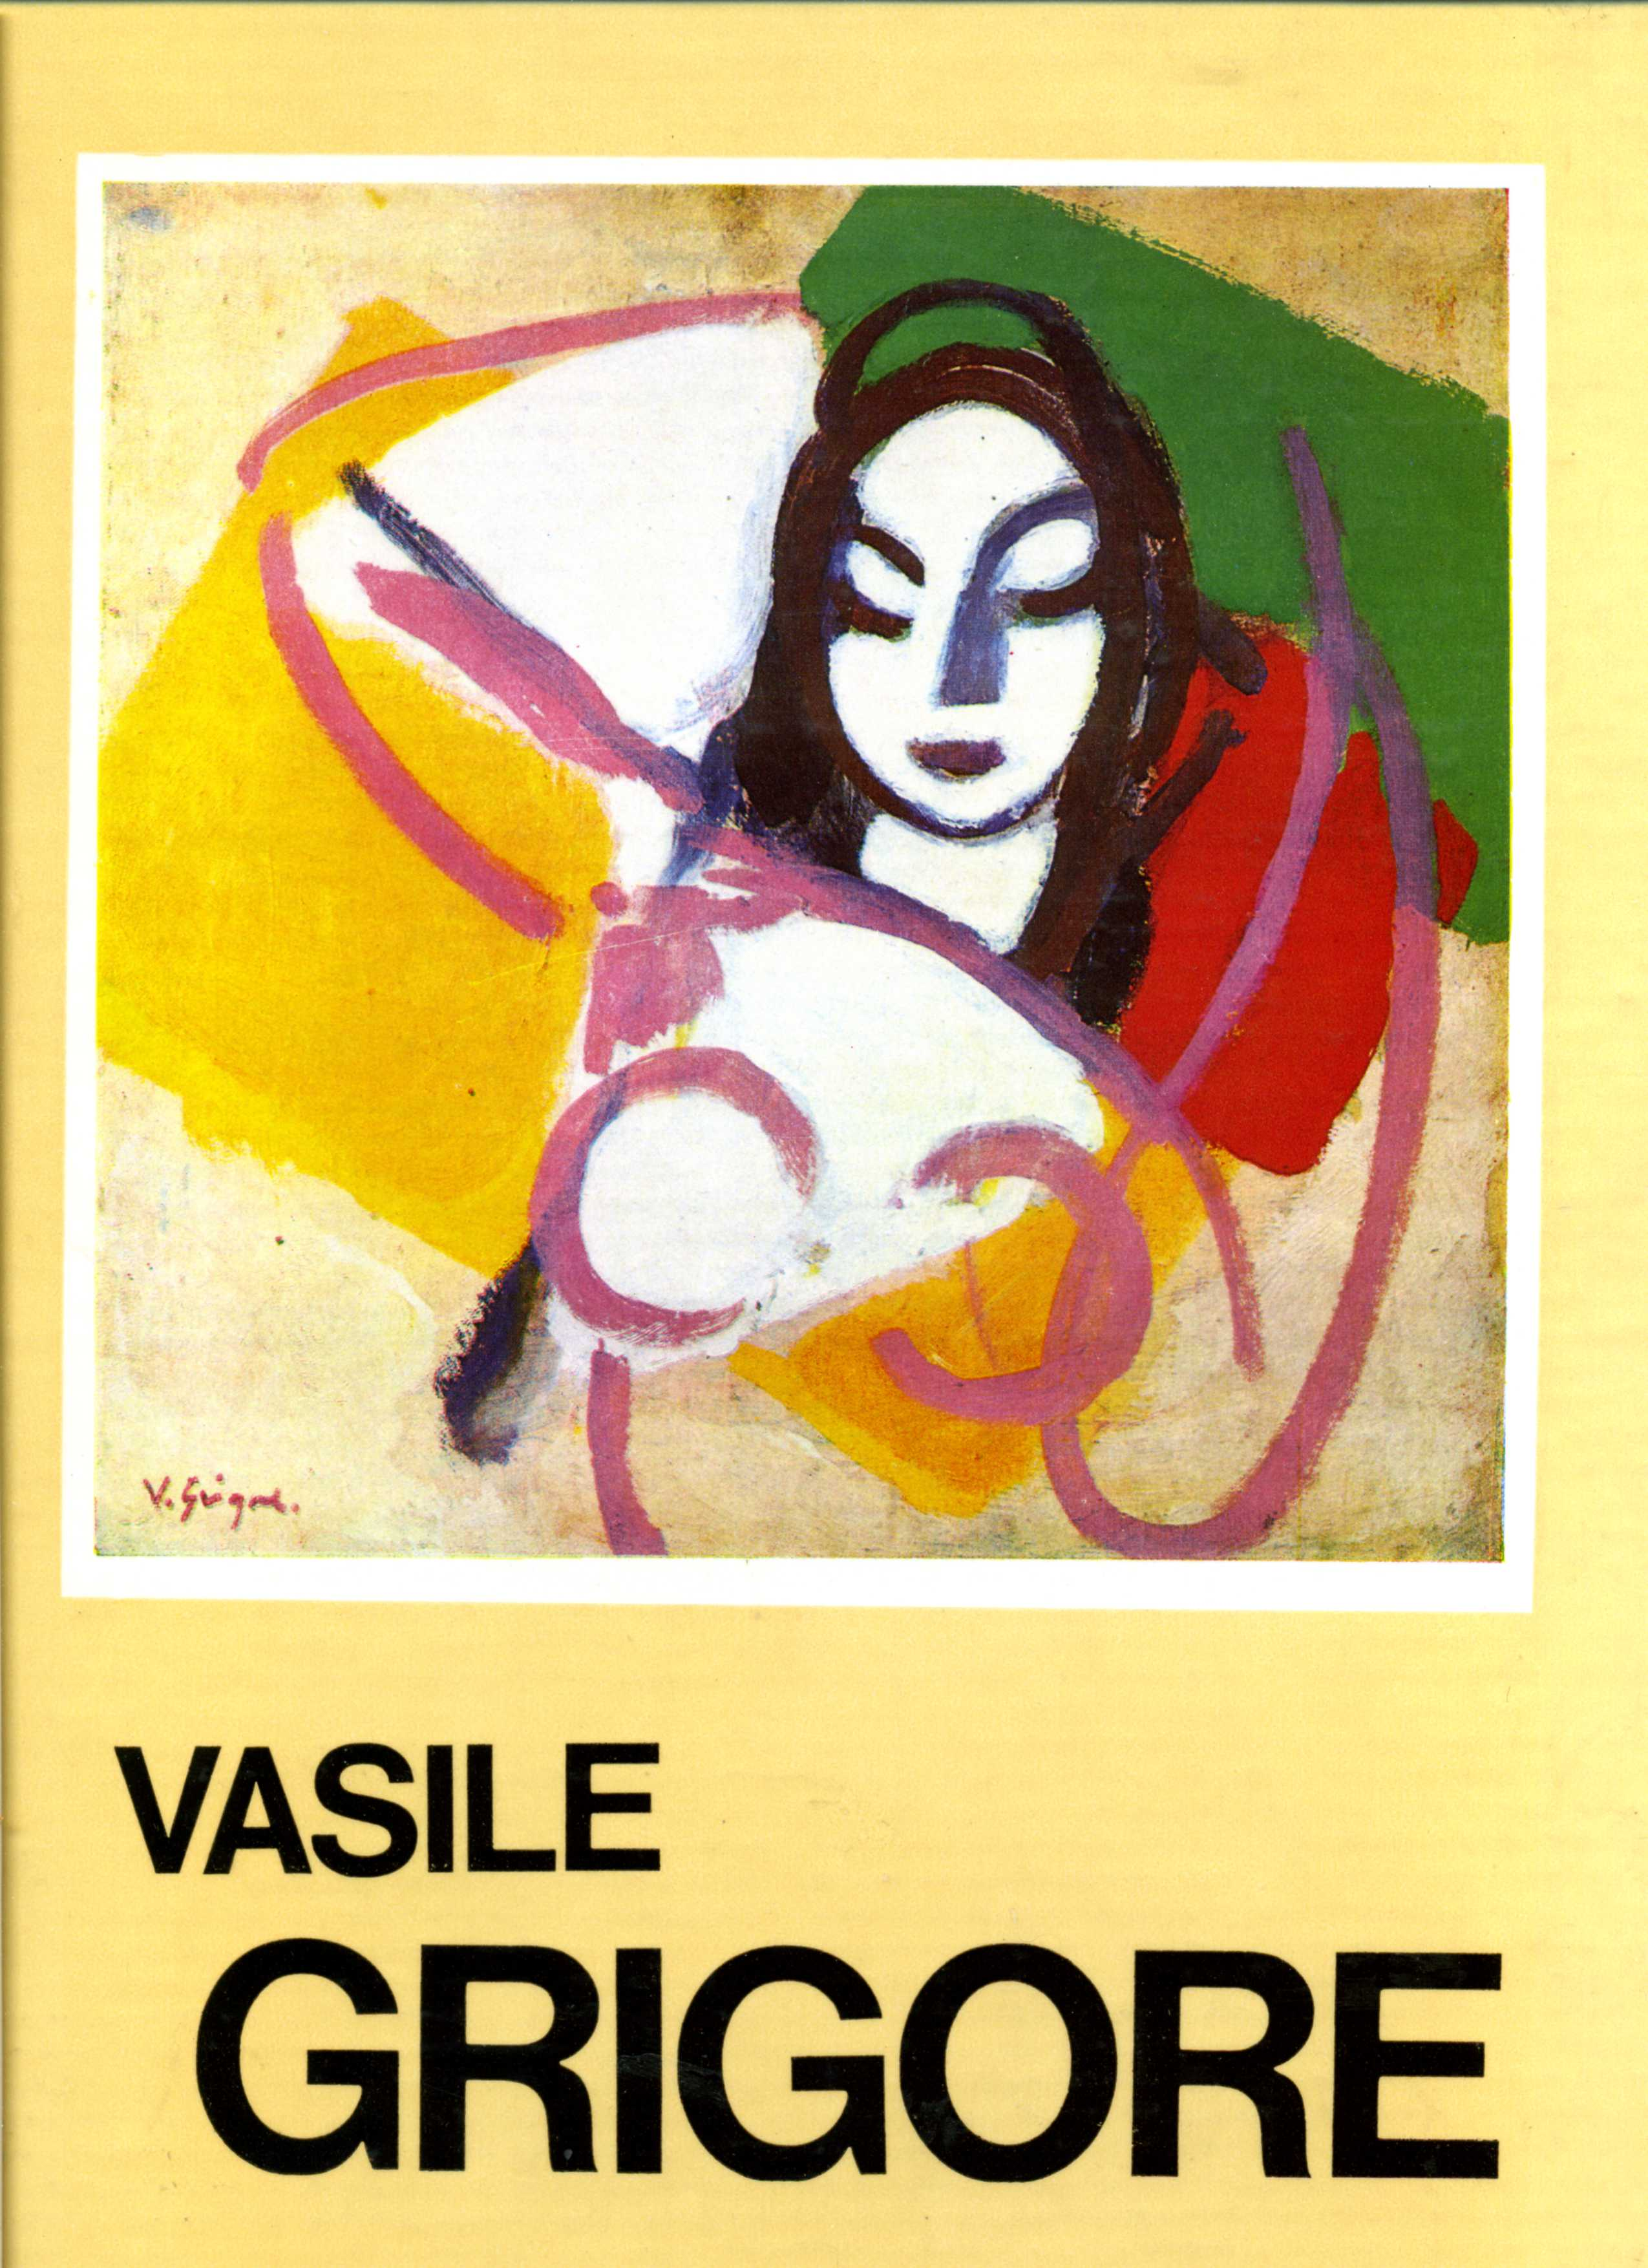 Vasile Grigore